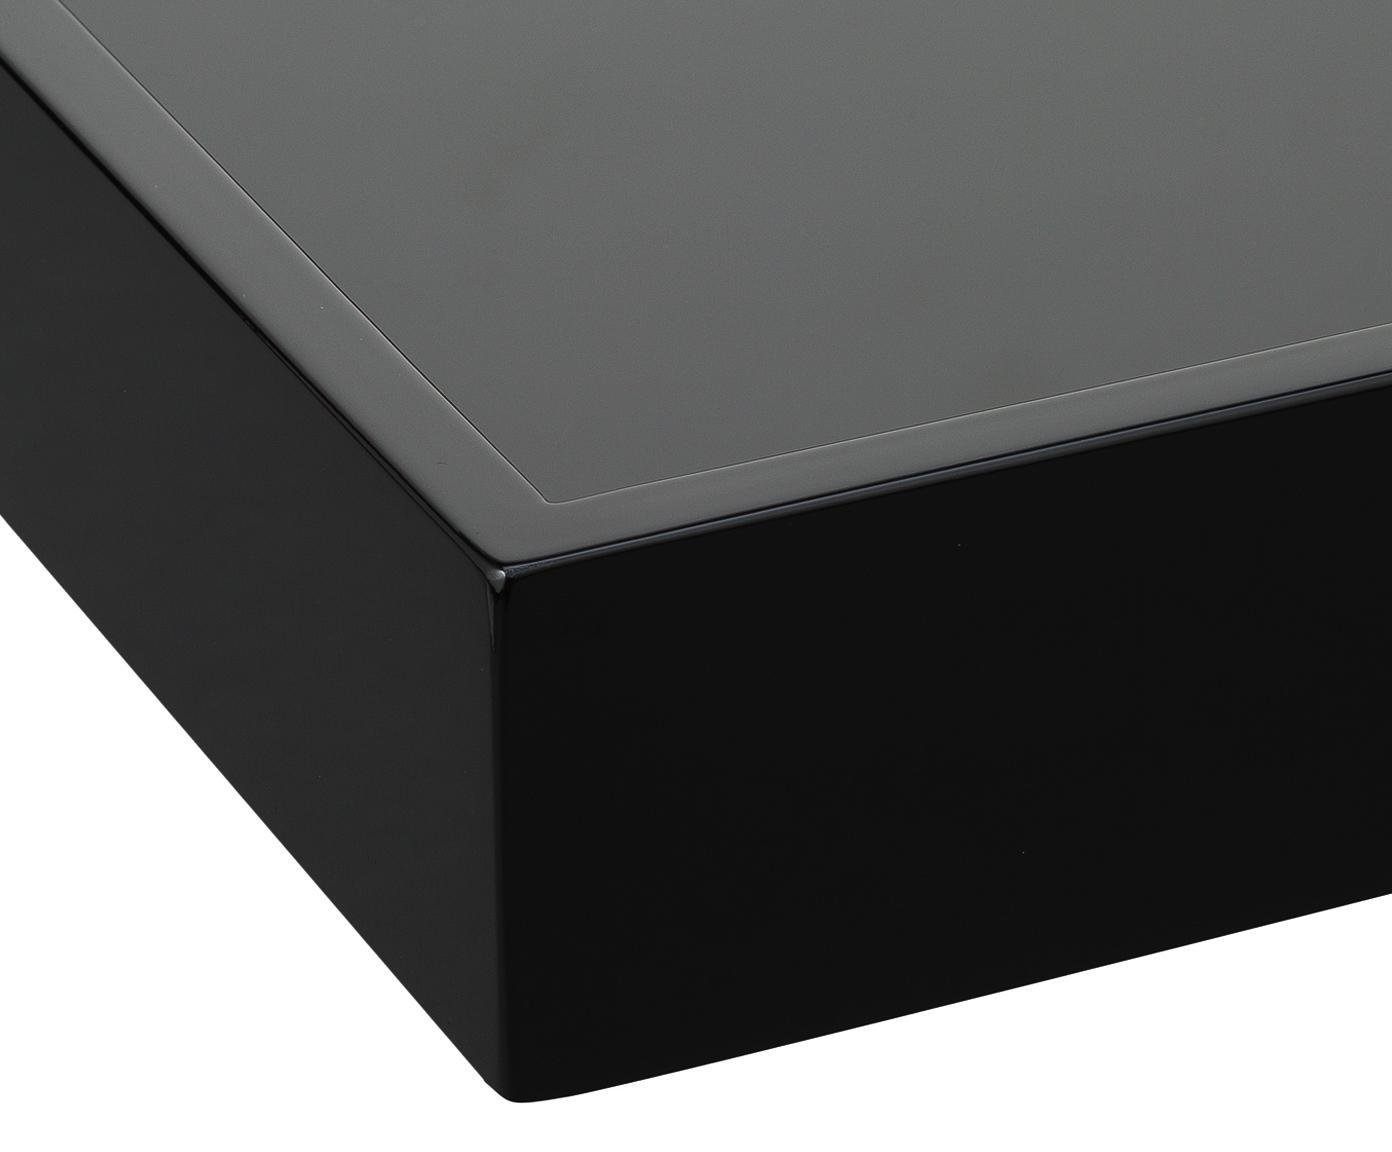 Hochglanz-Tablett Hayley in Schwarz, Tablett: Mitteldichte Holzfaserpla, Unterseite: Samt, Schwarz, Unterseite: Schwarz, B 50 x T 35 cm